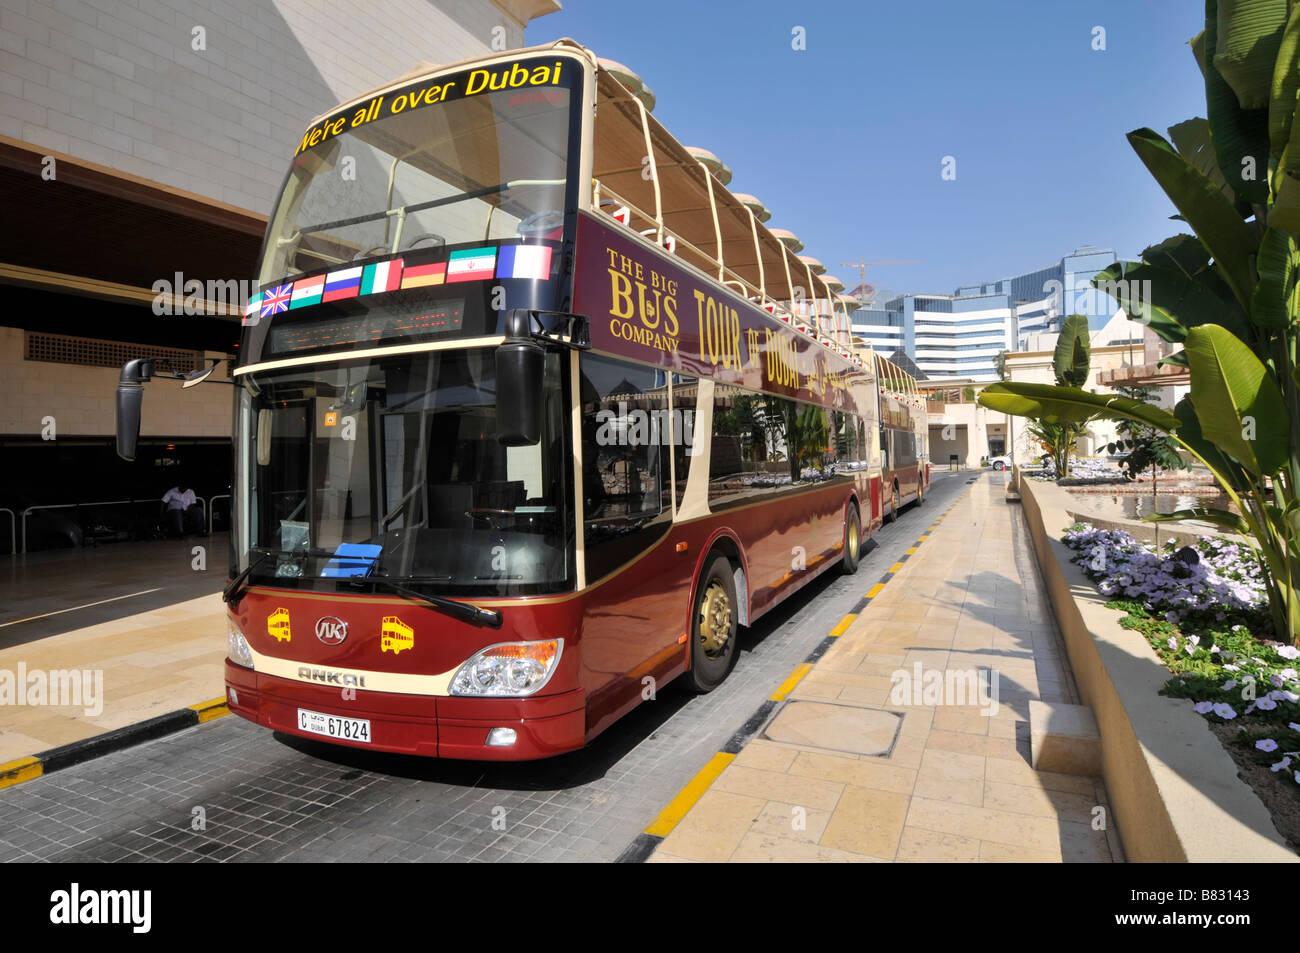 Big bus tour stops : Wonderland park amarillo tx Dubai Big Bus Tour Map on